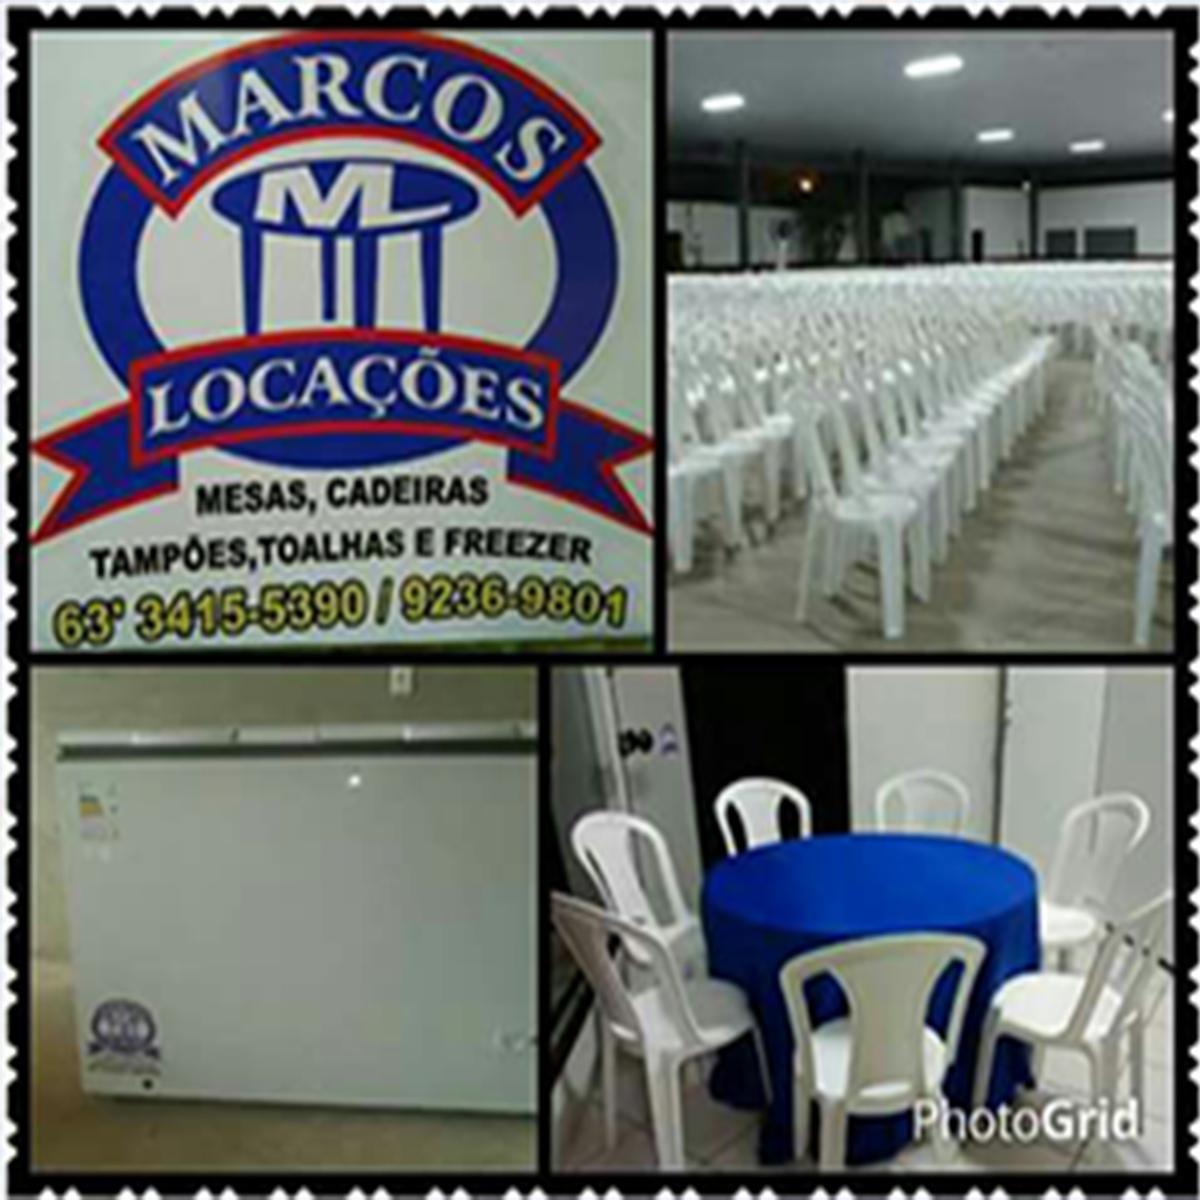 MARCOS LOCAÇÕES 9 9236 - 9801